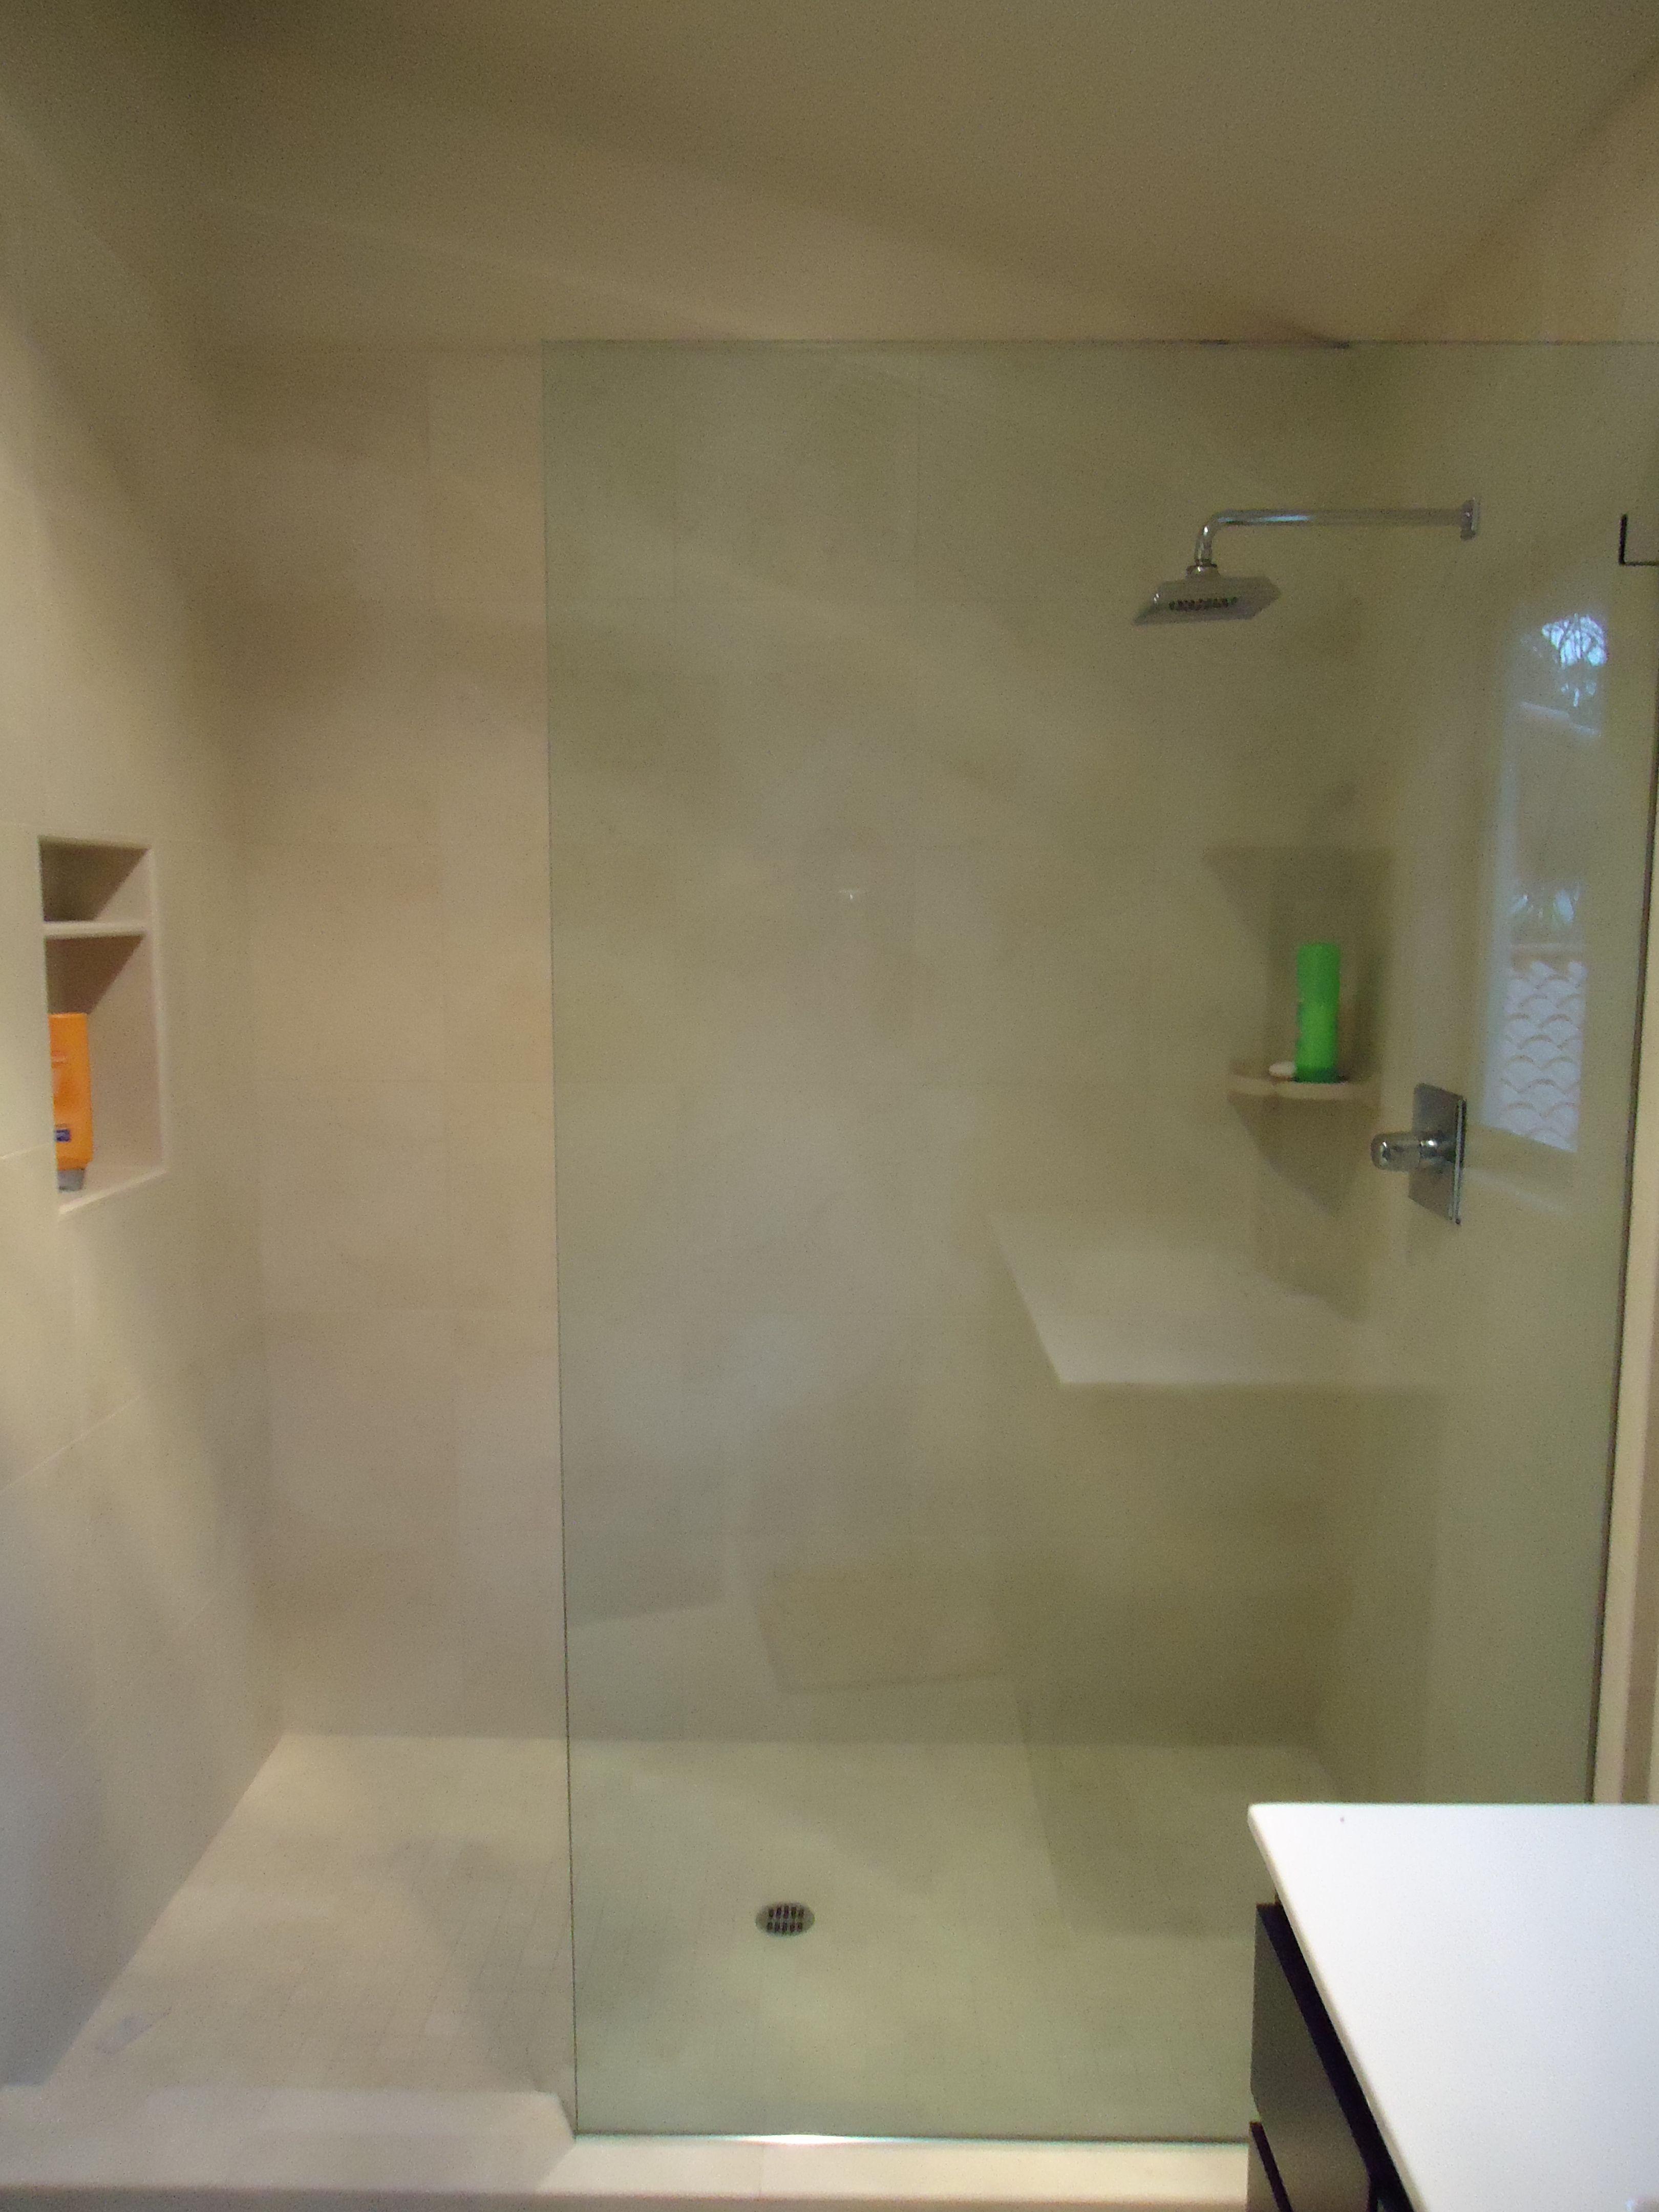 Neue Glas Duschturen Dusche Aus Glas Ersatz Dusche Gehause Hersteller Aus Gehartetem Glas Dusche Badezimmer Duschwand Duschkabine Duschwand Glas